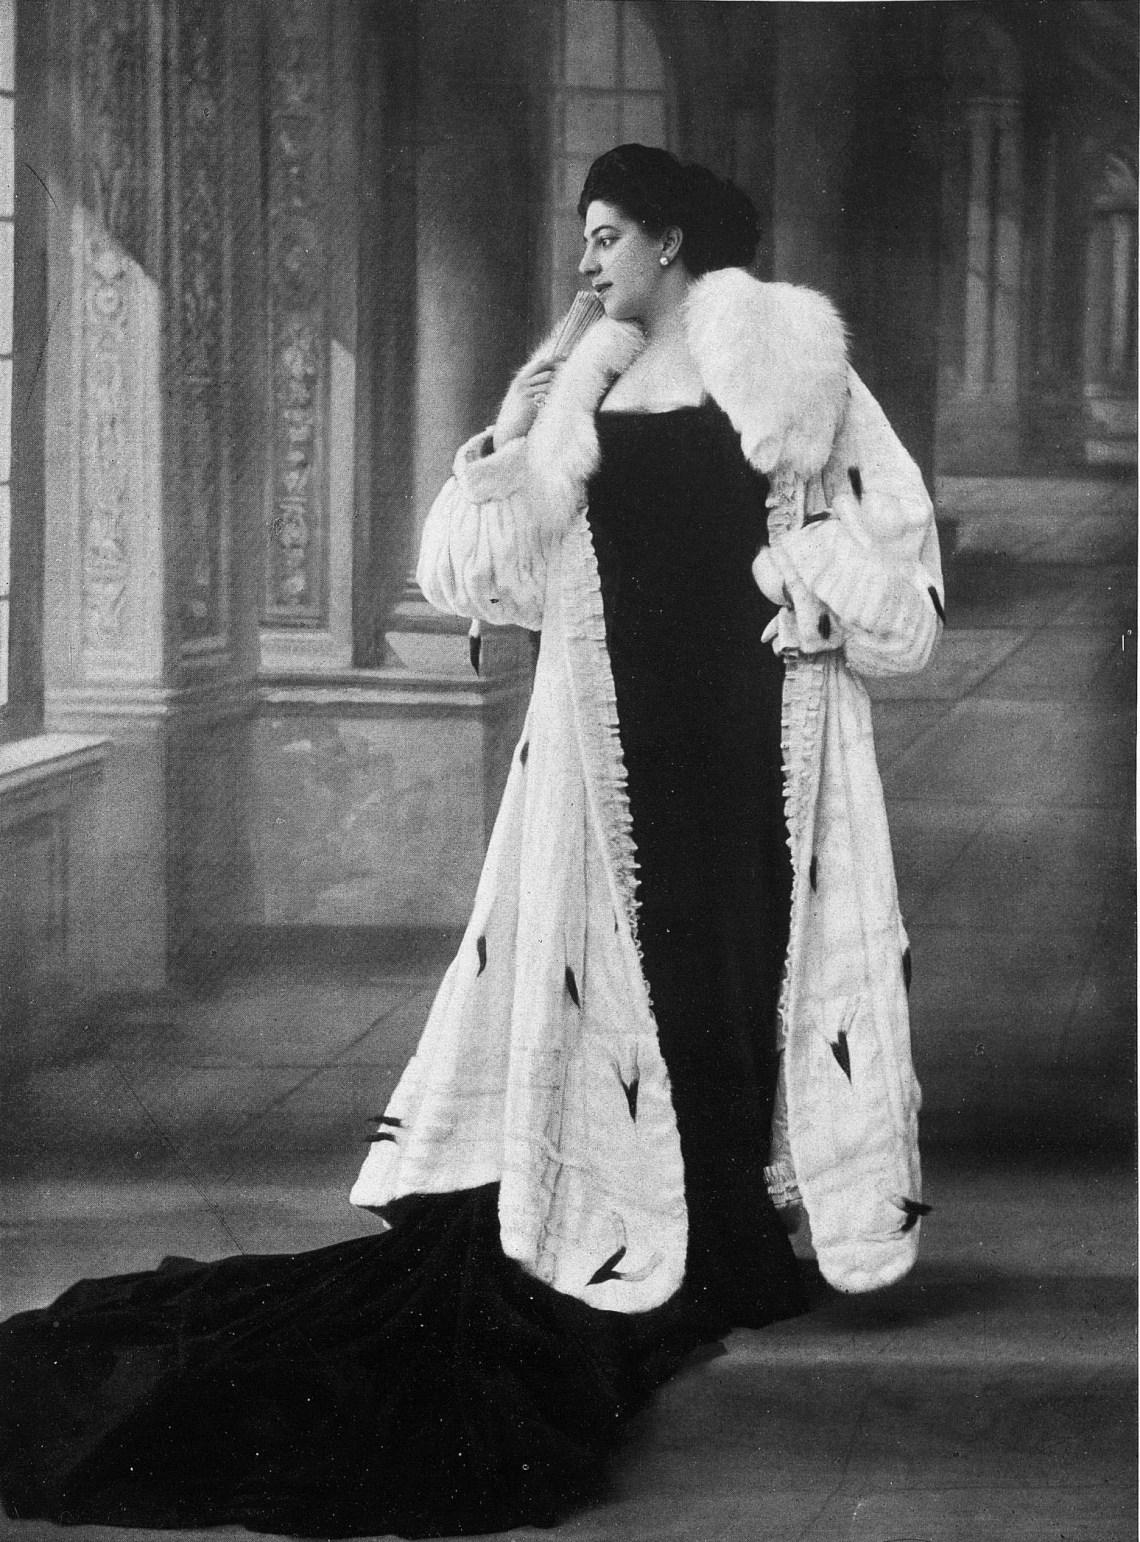 Mlle Mata Hari 1910s Fashion